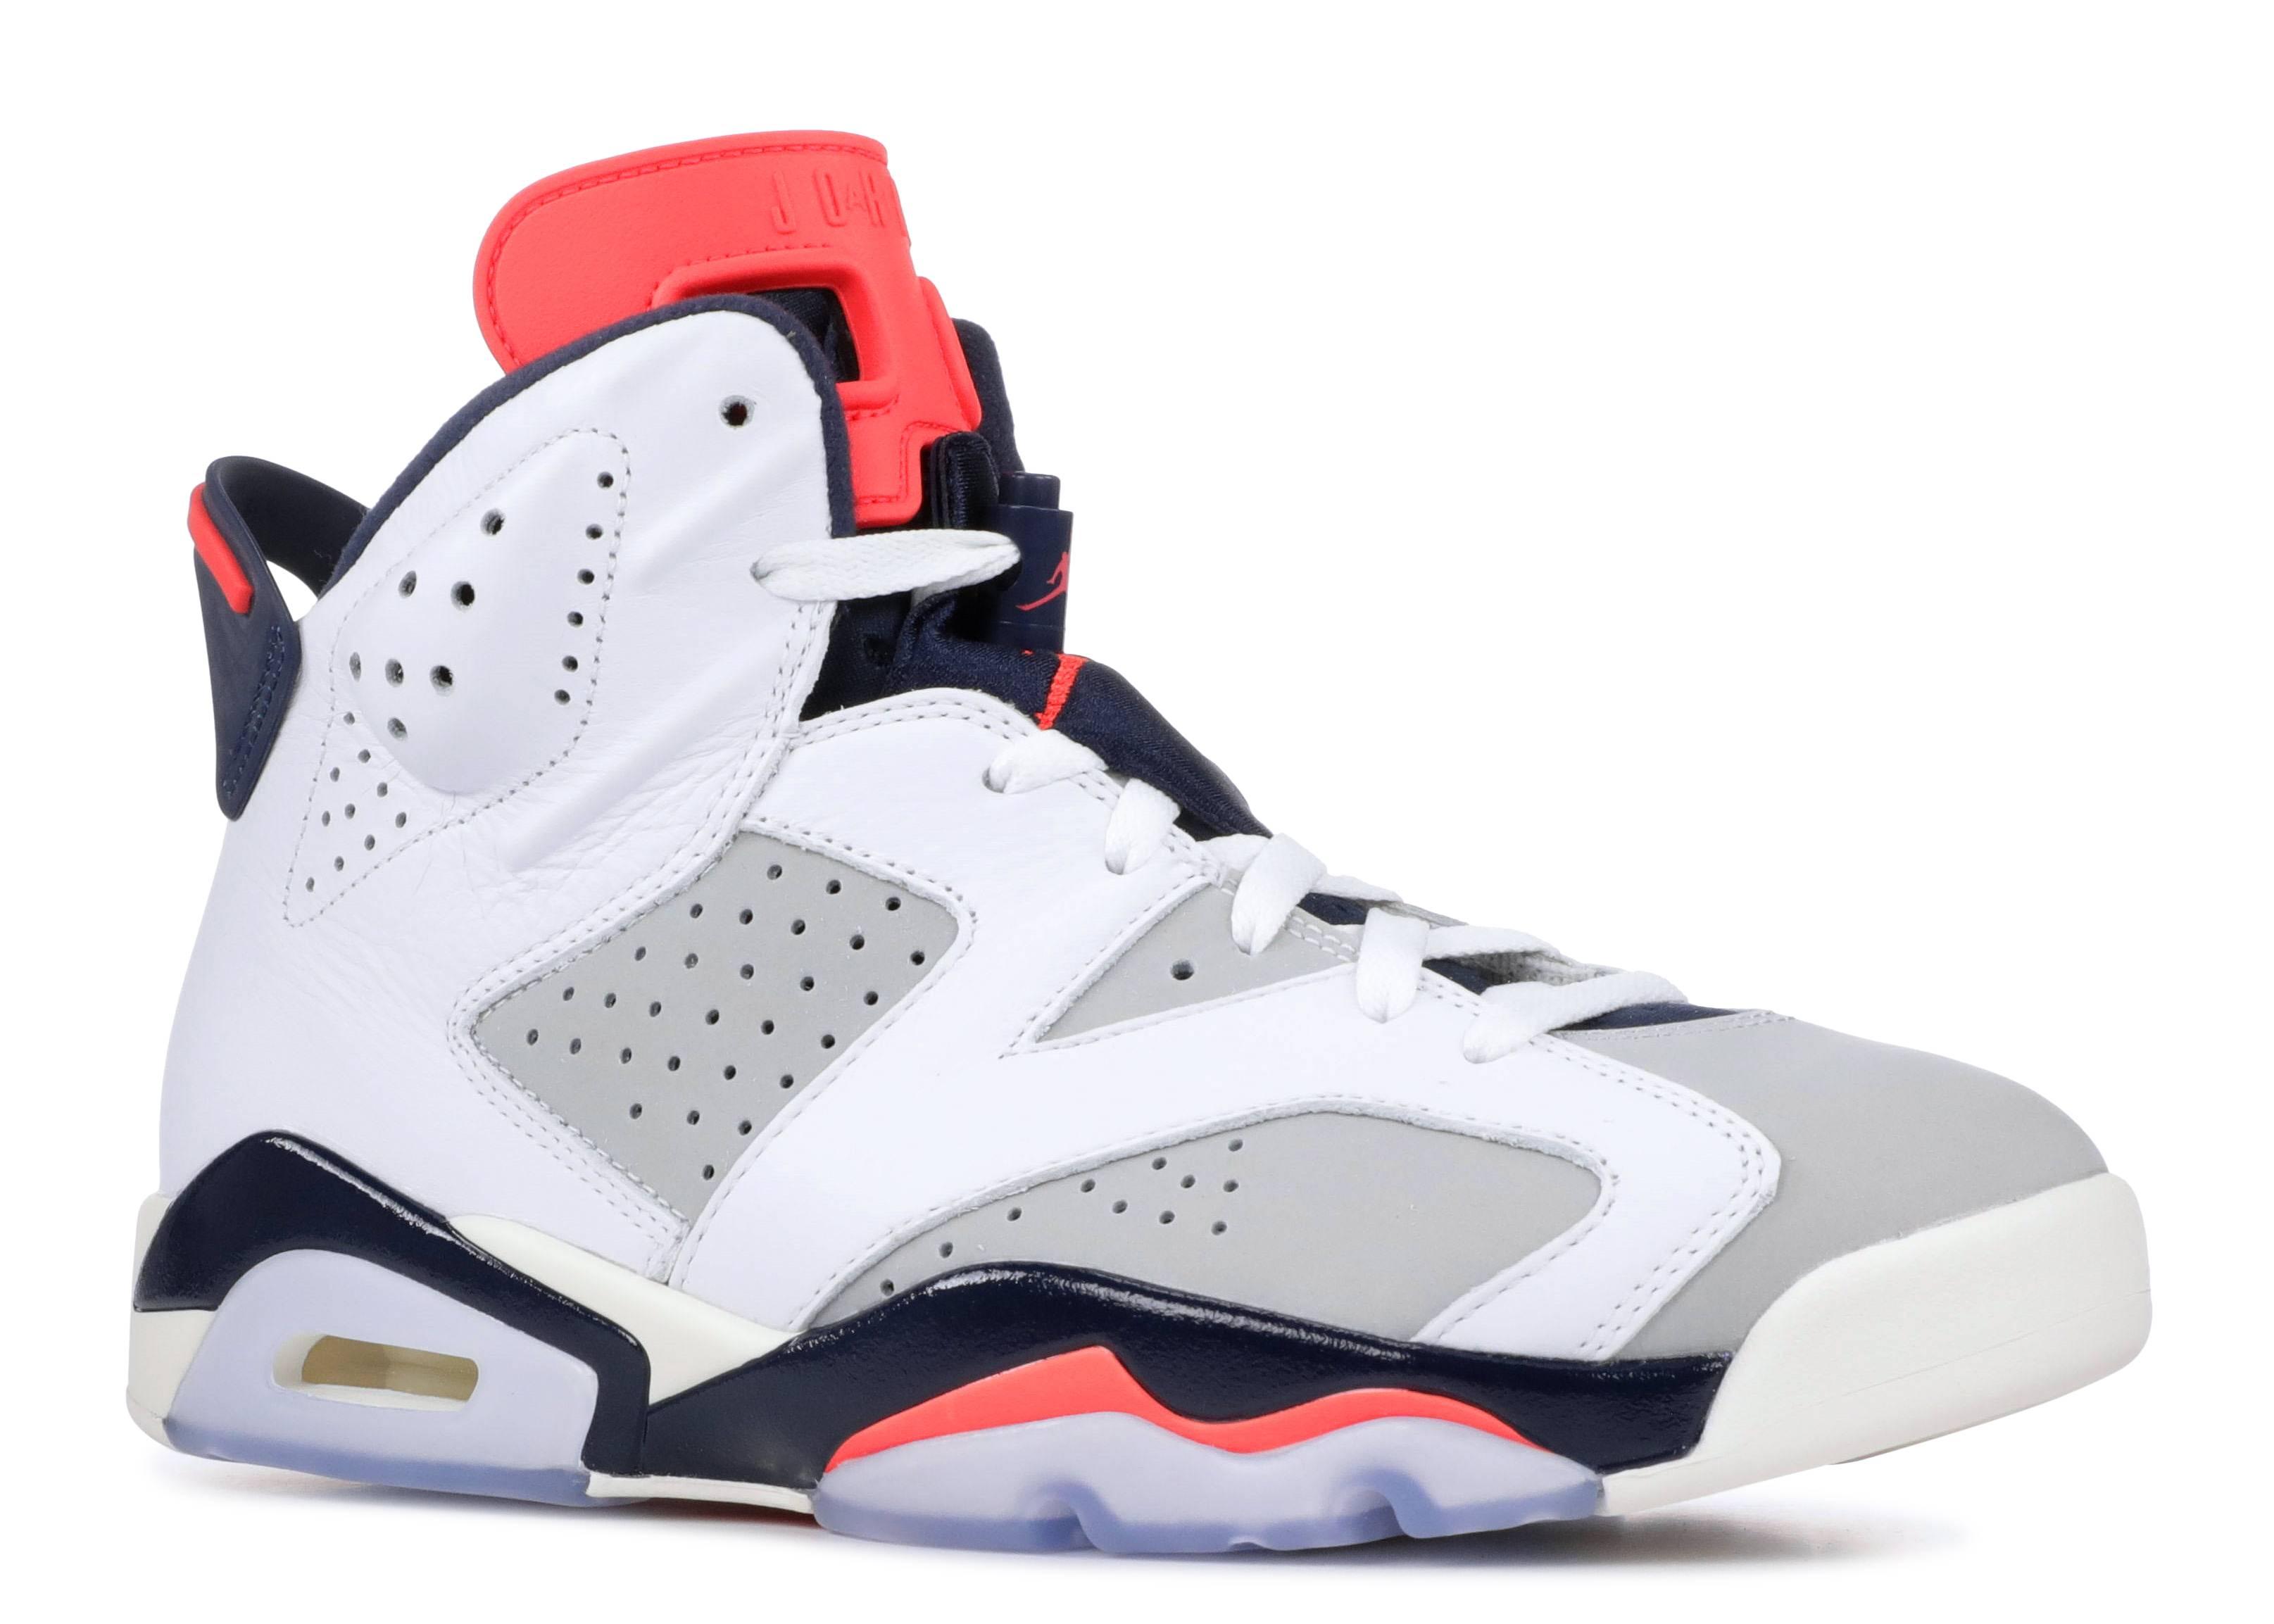 a8c3feacaa4b Mens Air Jordan 6 Retro Whiteinfrared 23 Neutral Grey White ✓ Shoes ...